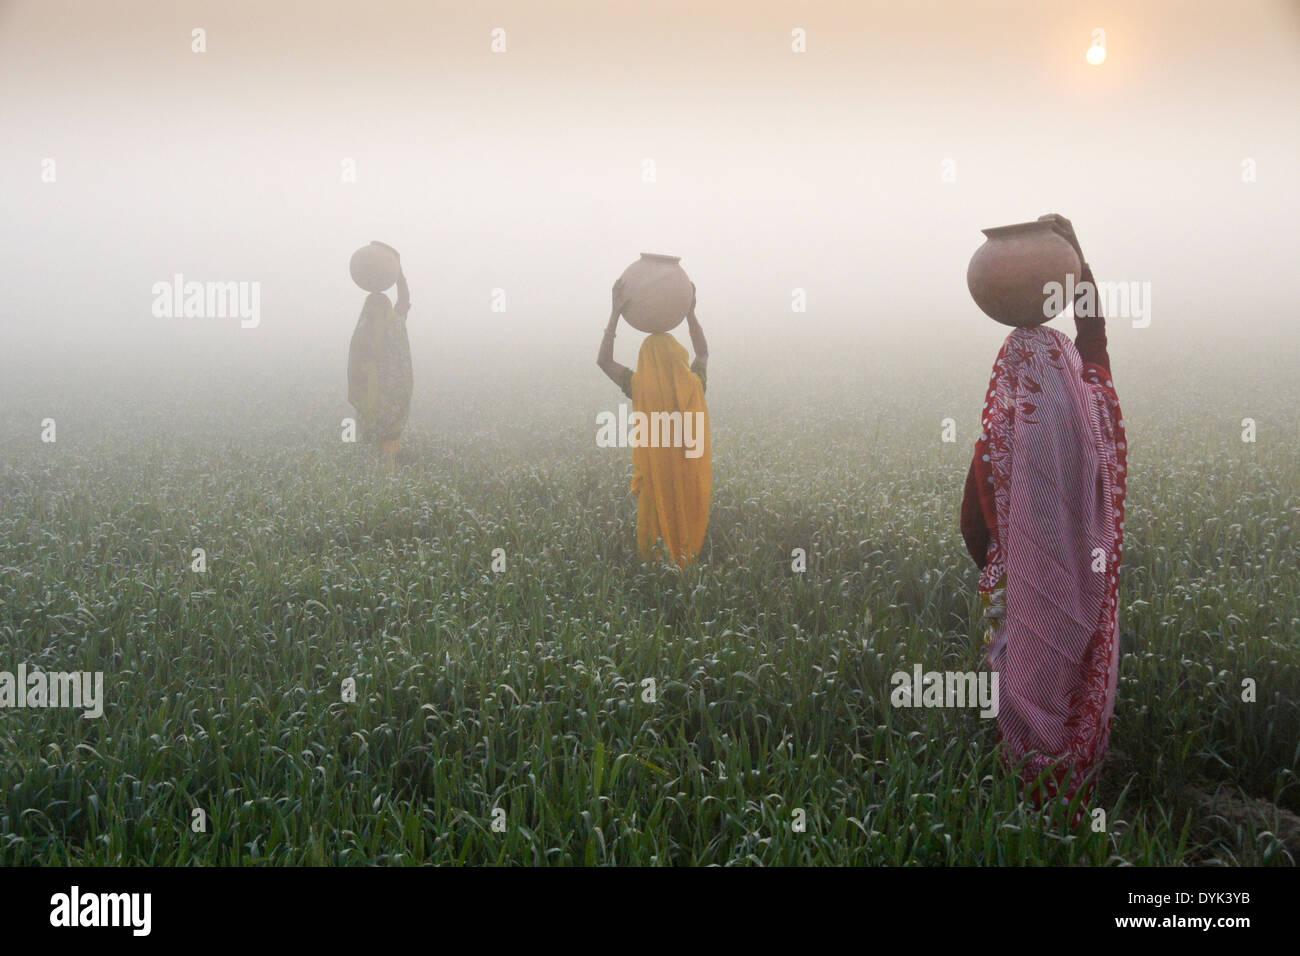 Le donne con le brocche sulla testa, camminando attraverso il campo di riso all'alba su una mattinata nebbiosa, India Immagini Stock